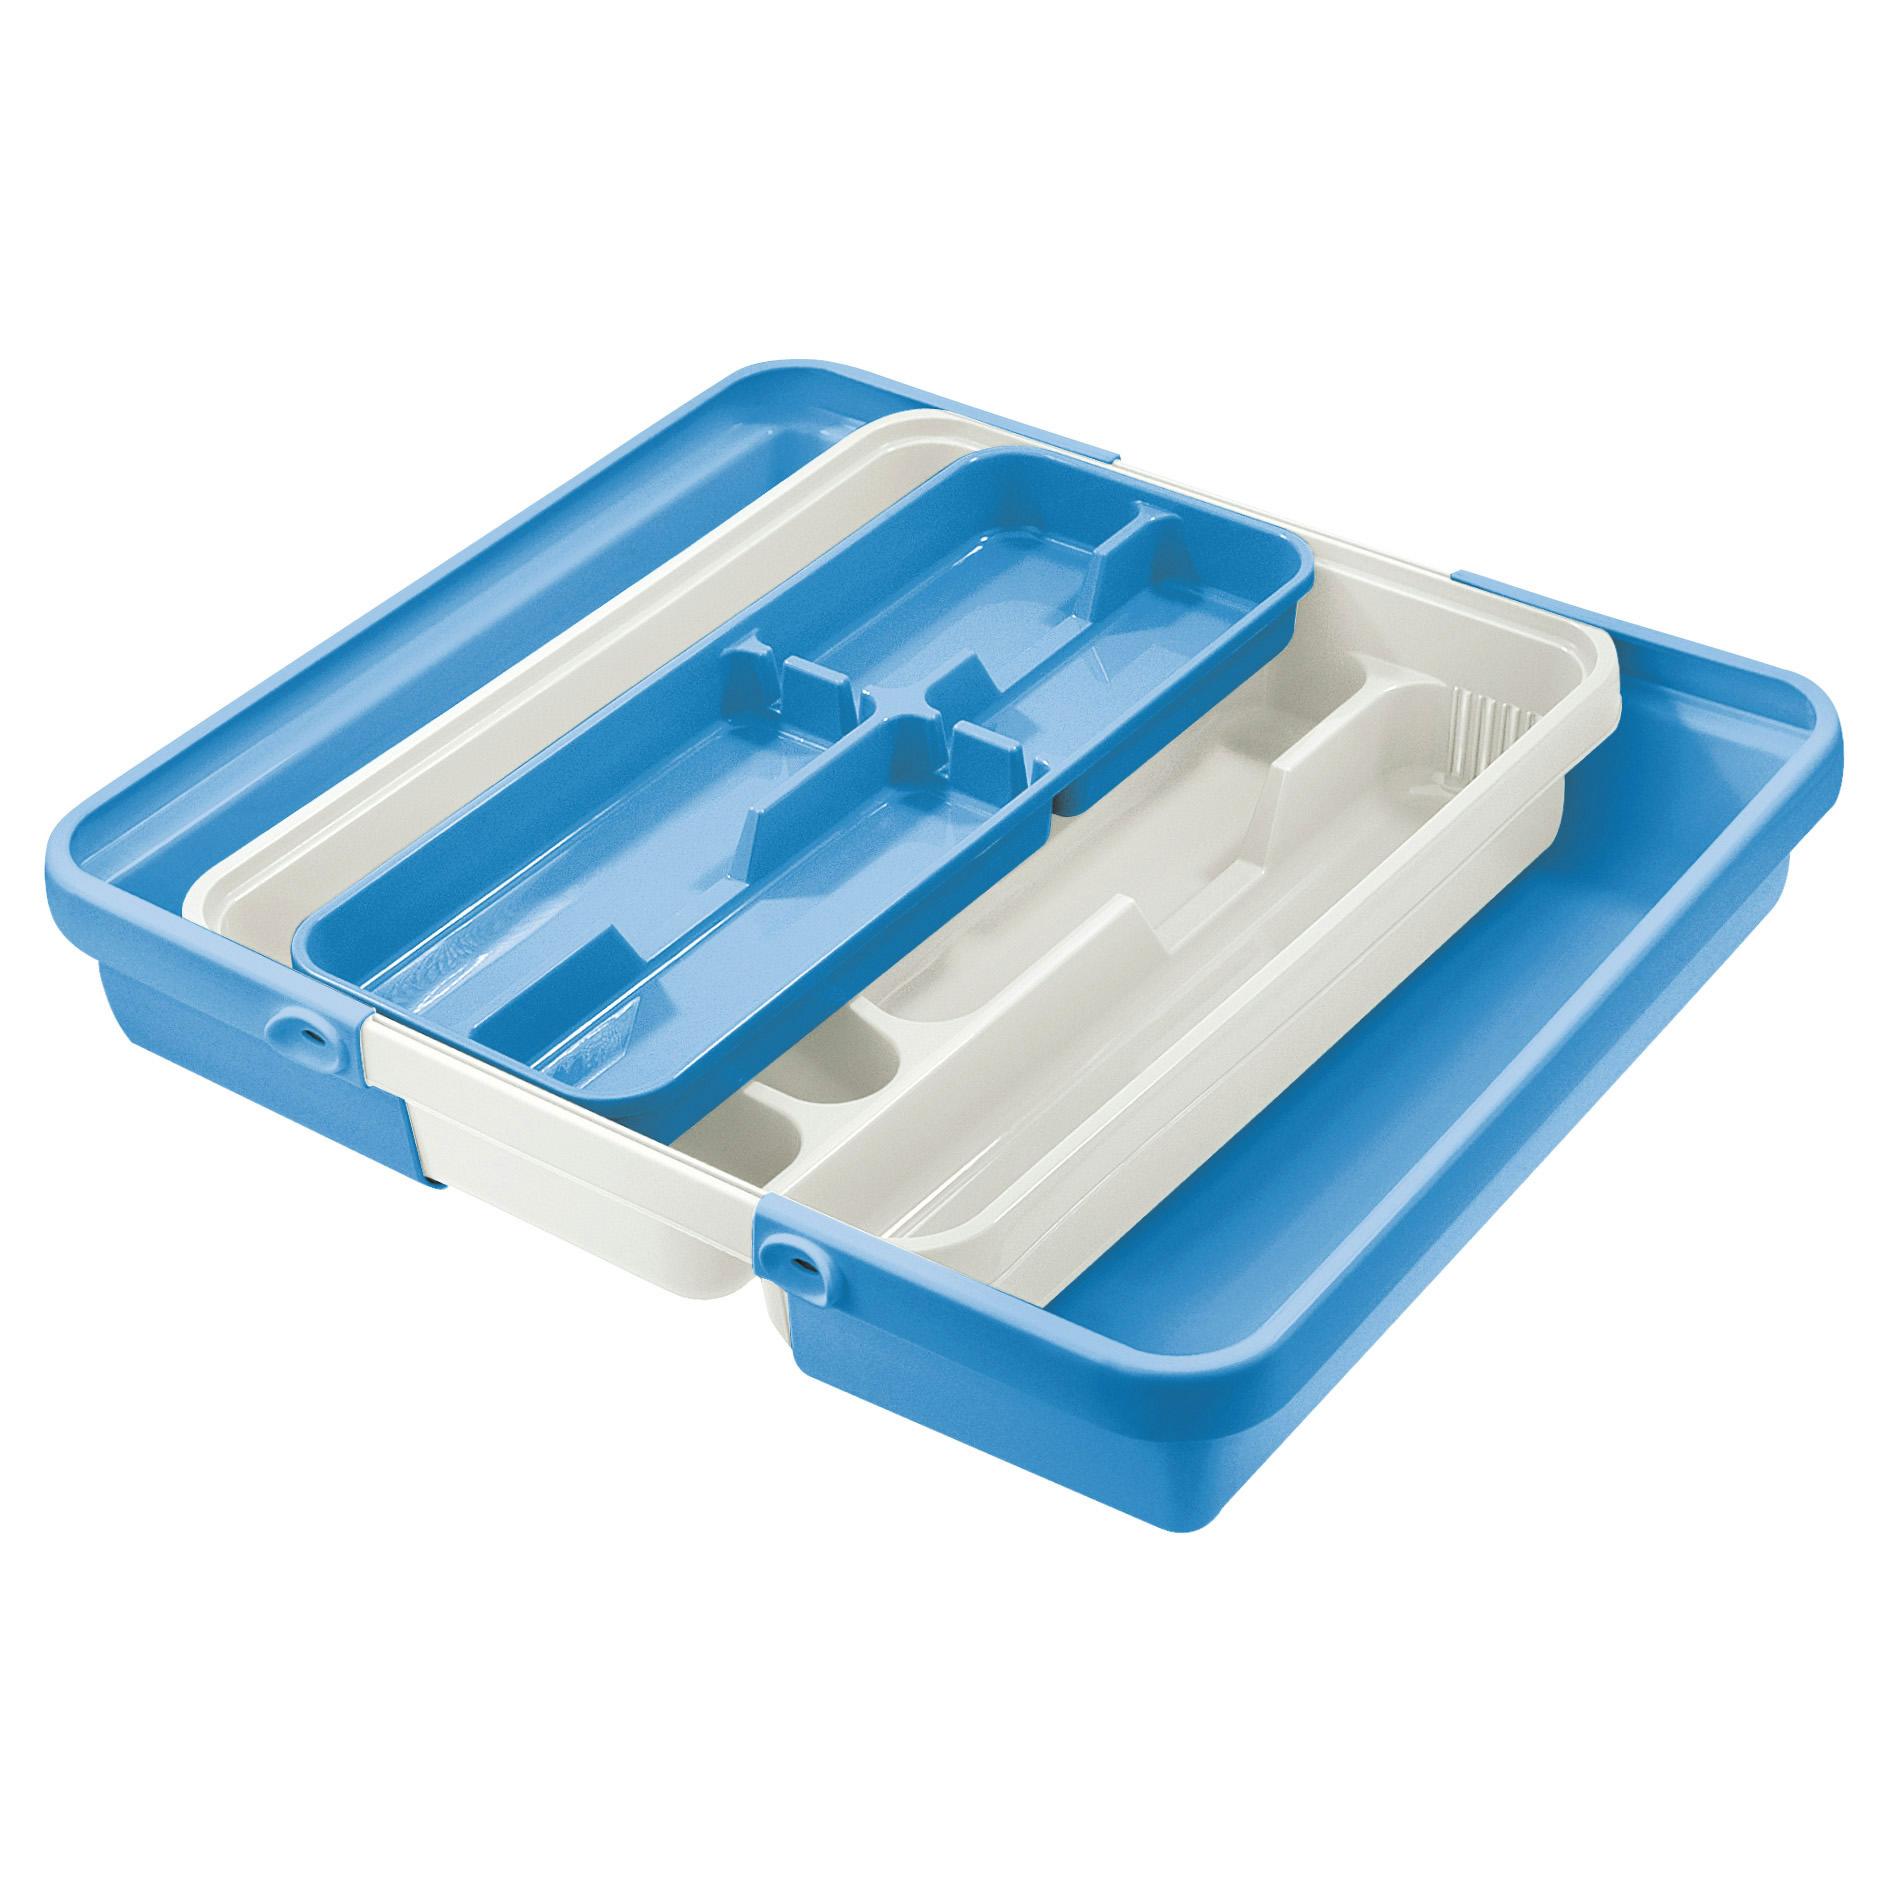 Tontarelli Shop - Cutlery Tray